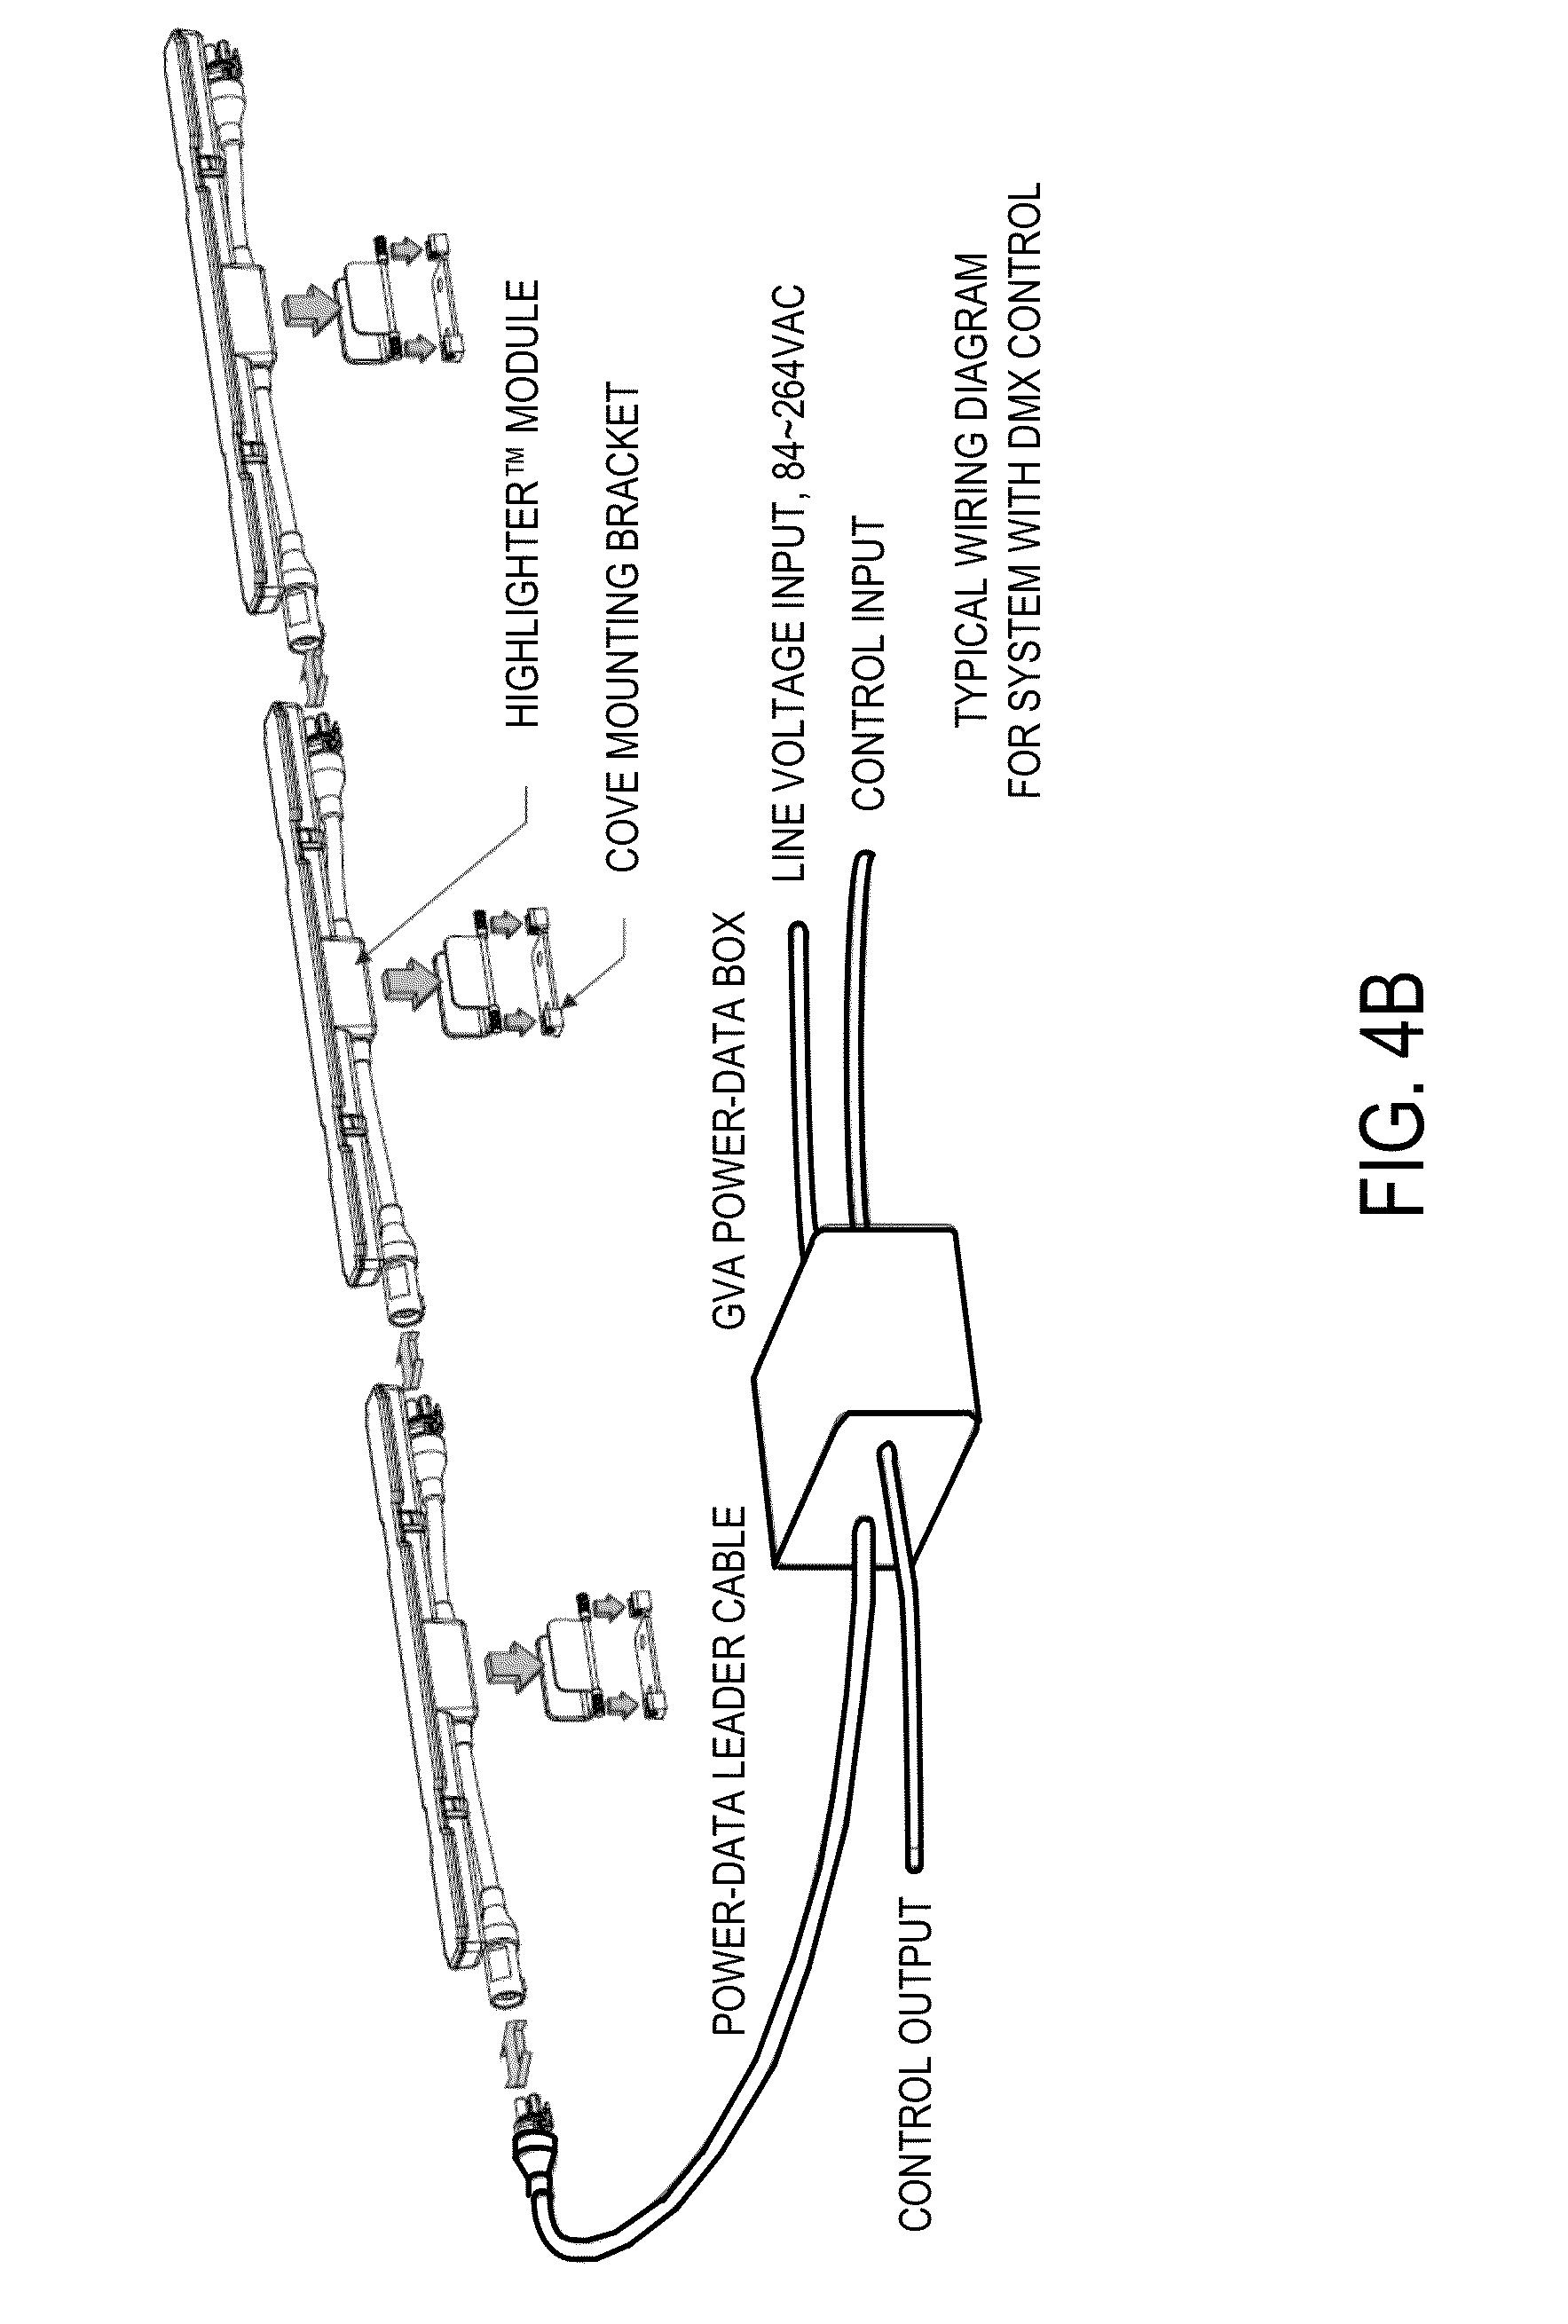 Svp Siren Wiring Diagram 75 Watts Loudspeaker Chrome Siren